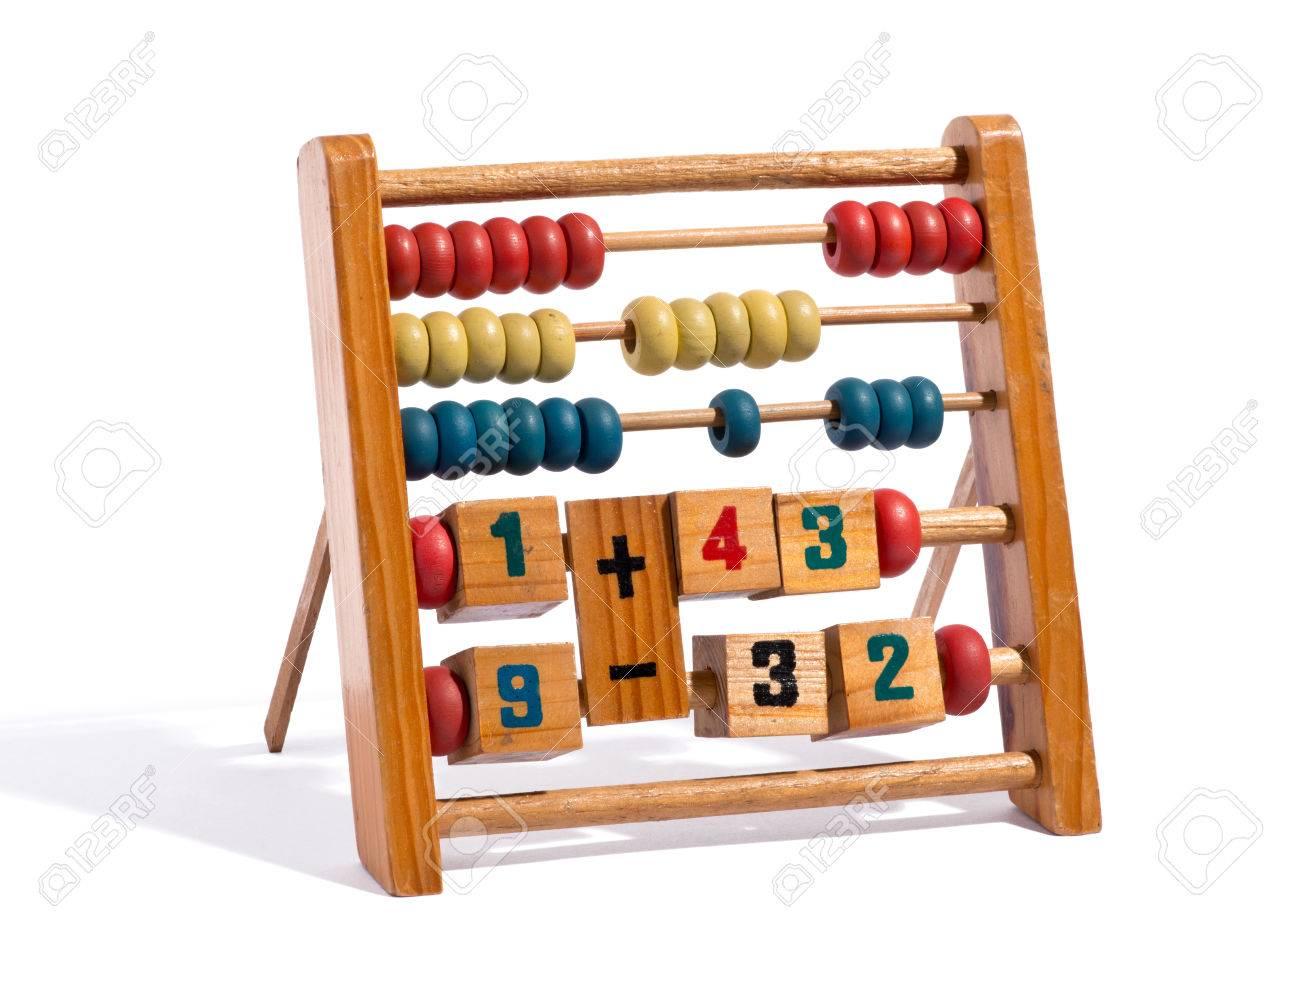 Journée multi-séries du samedi 1er février 26604231-boulier-en-bois-avec-des-chiffres-et-des-trois-rang%C3%A9es-de-diff%C3%A9rents-compteurs-de-couleur-pour-le-calcul